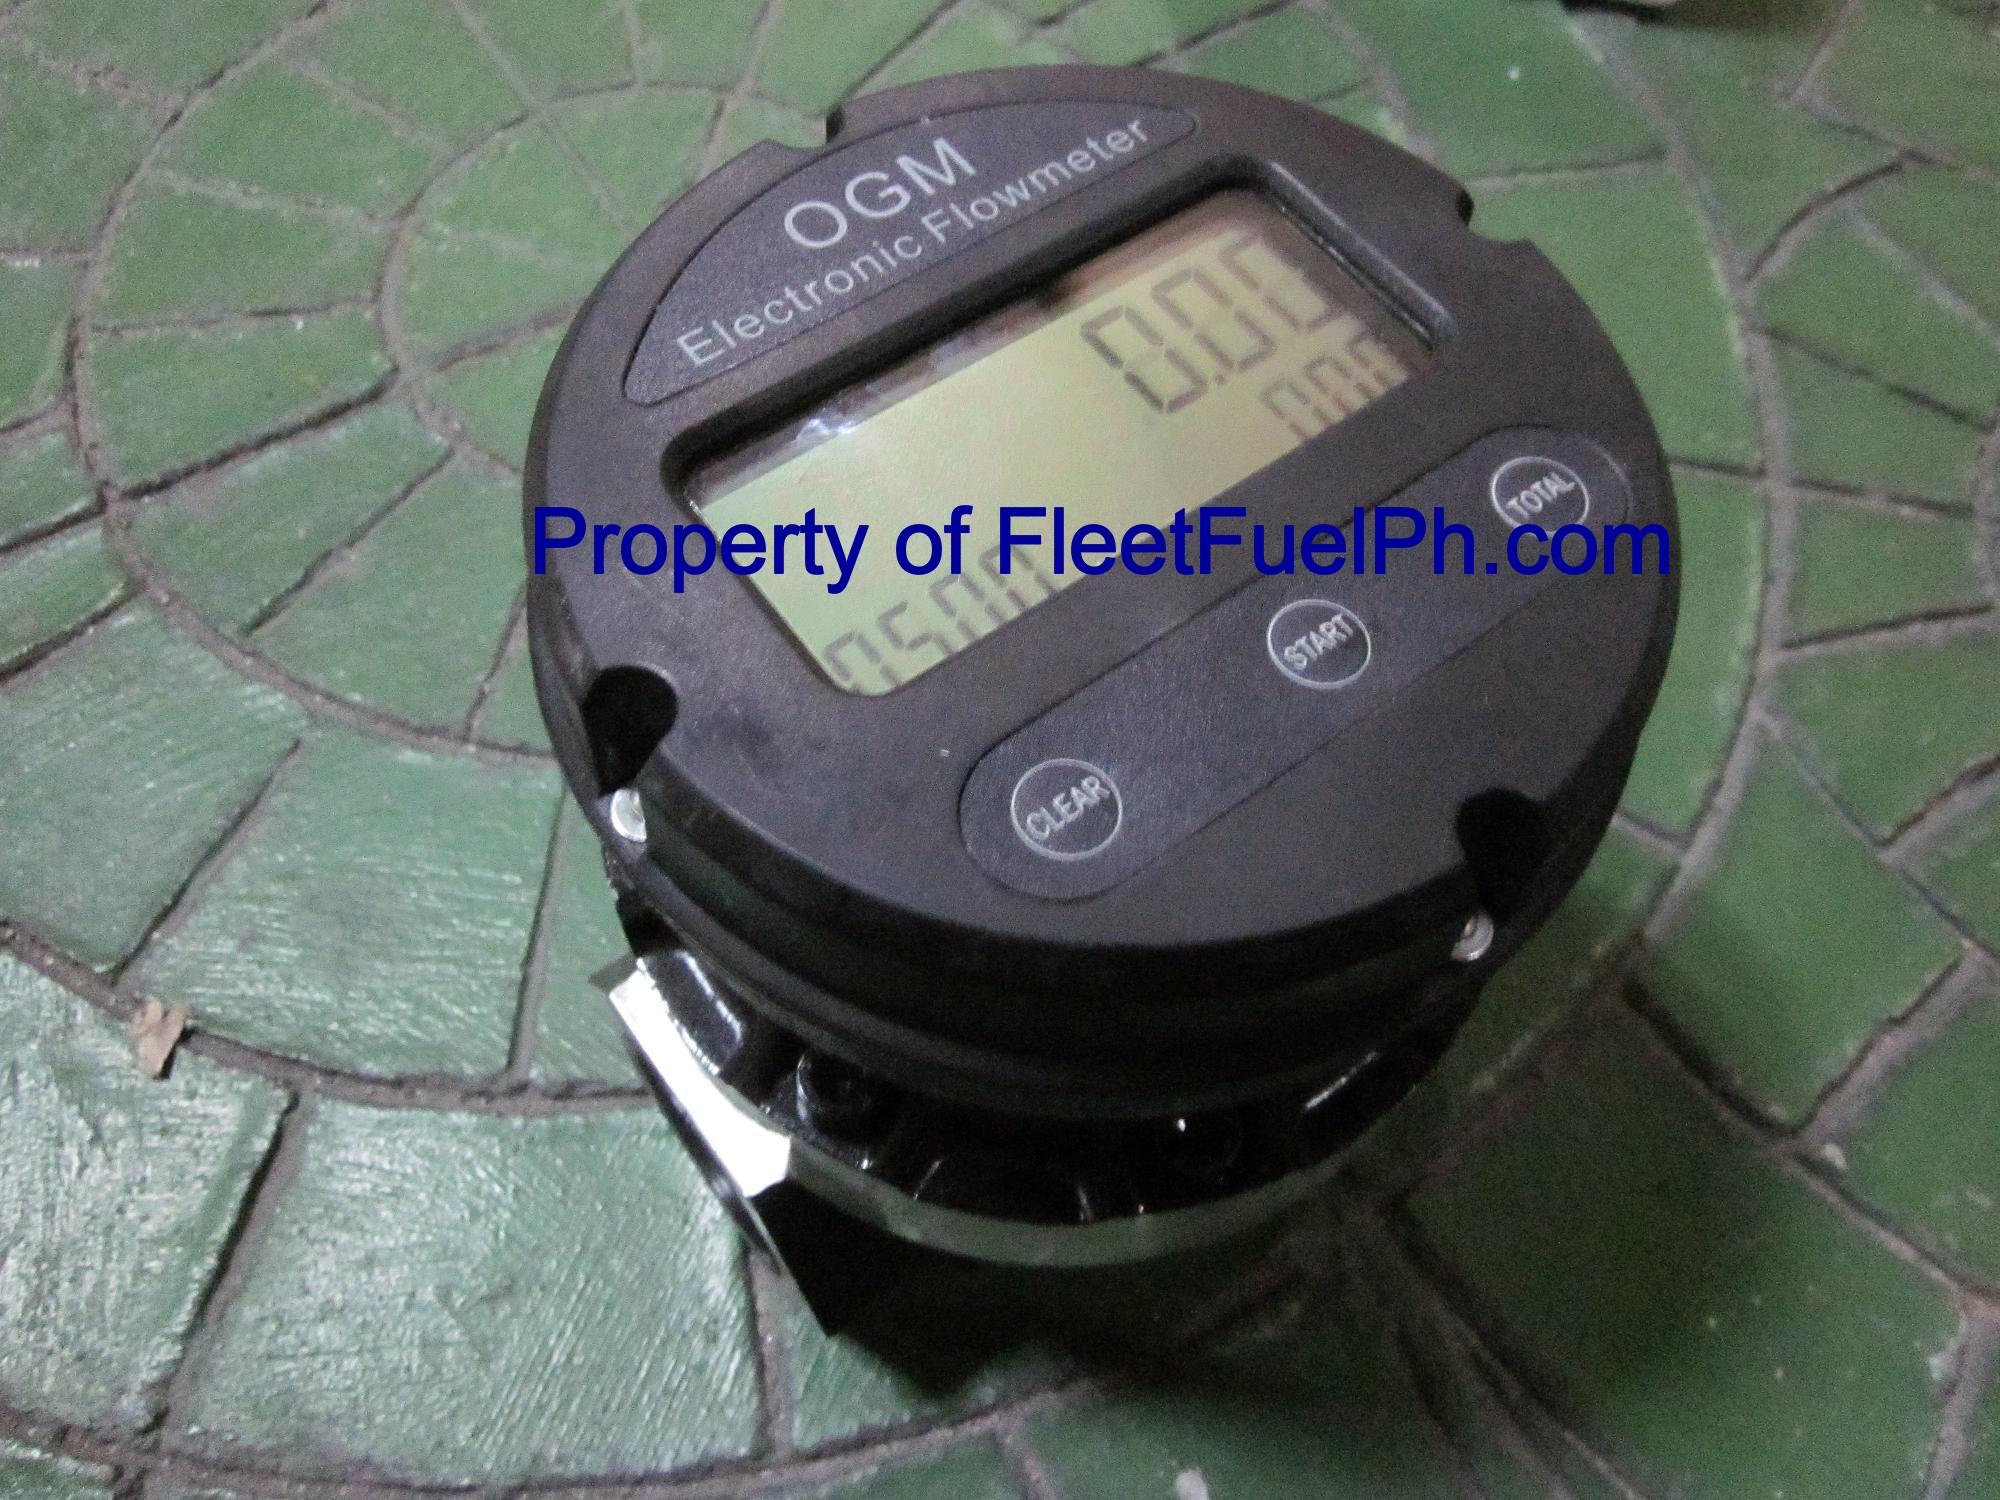 OGM-40E Digital Oval Gear Flow Meter